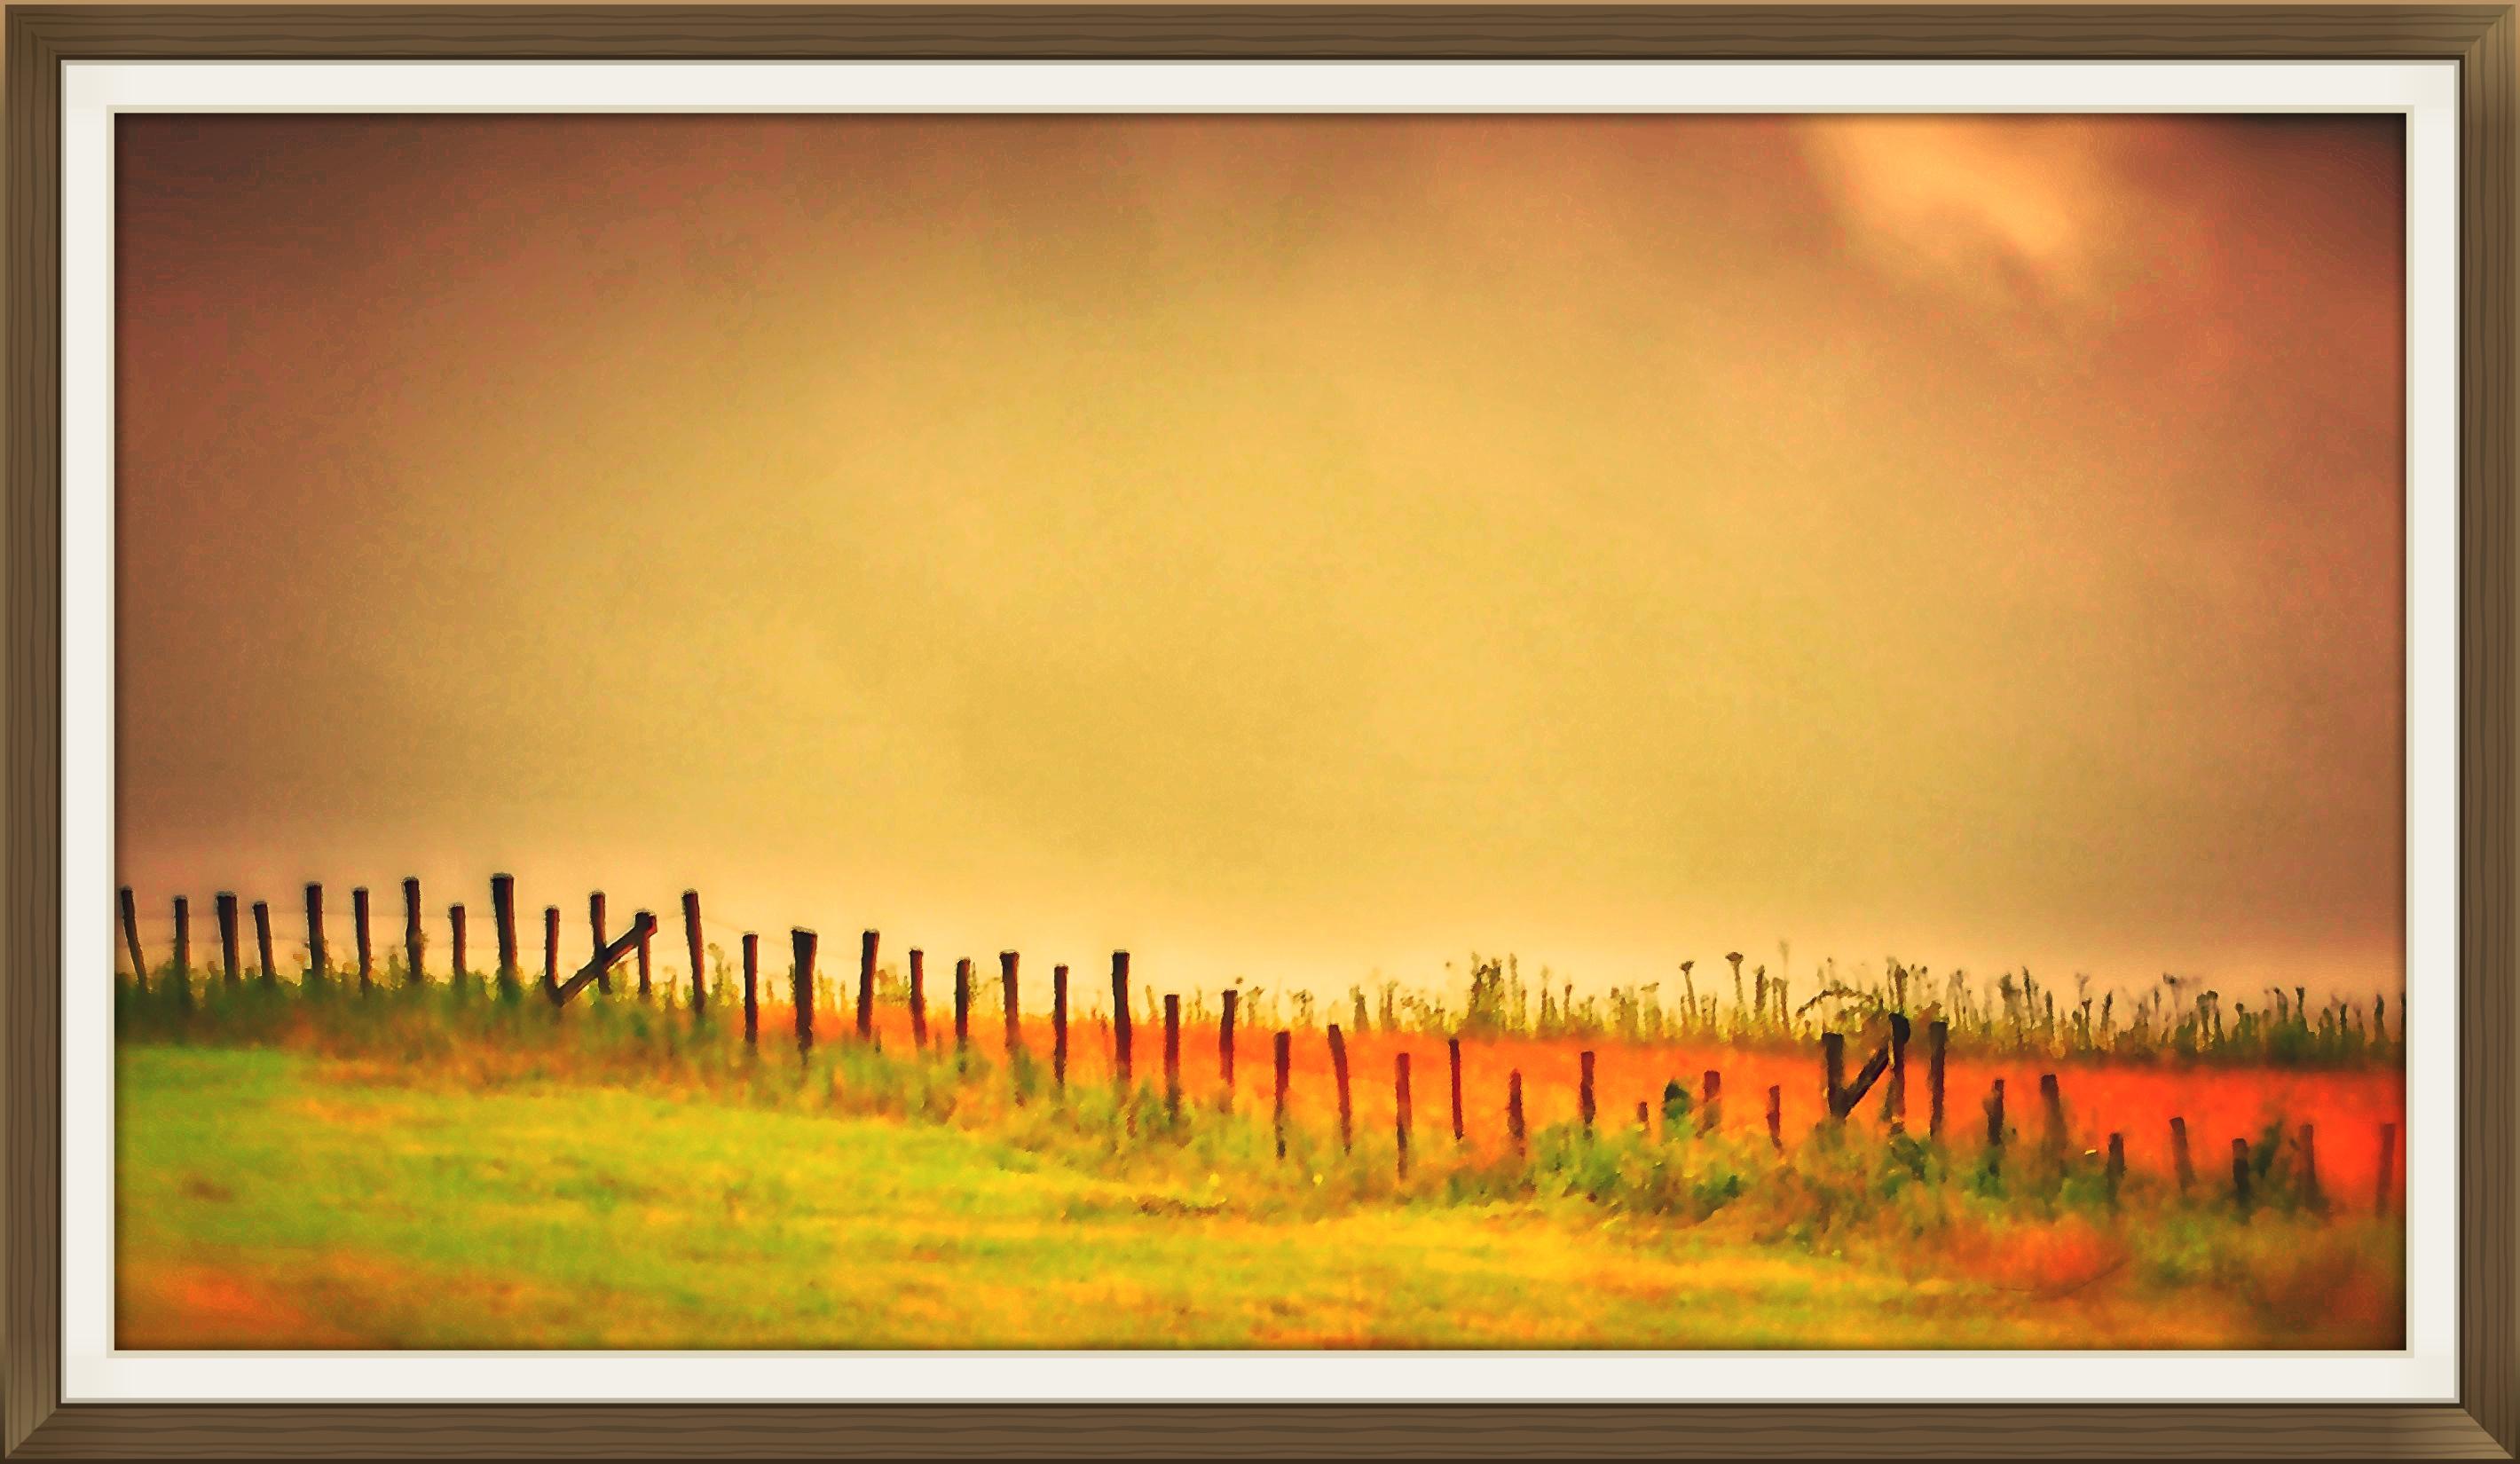 Hintergrundbilder : Landschaft, Malerei, Gras, Himmel, Feld, USA ...